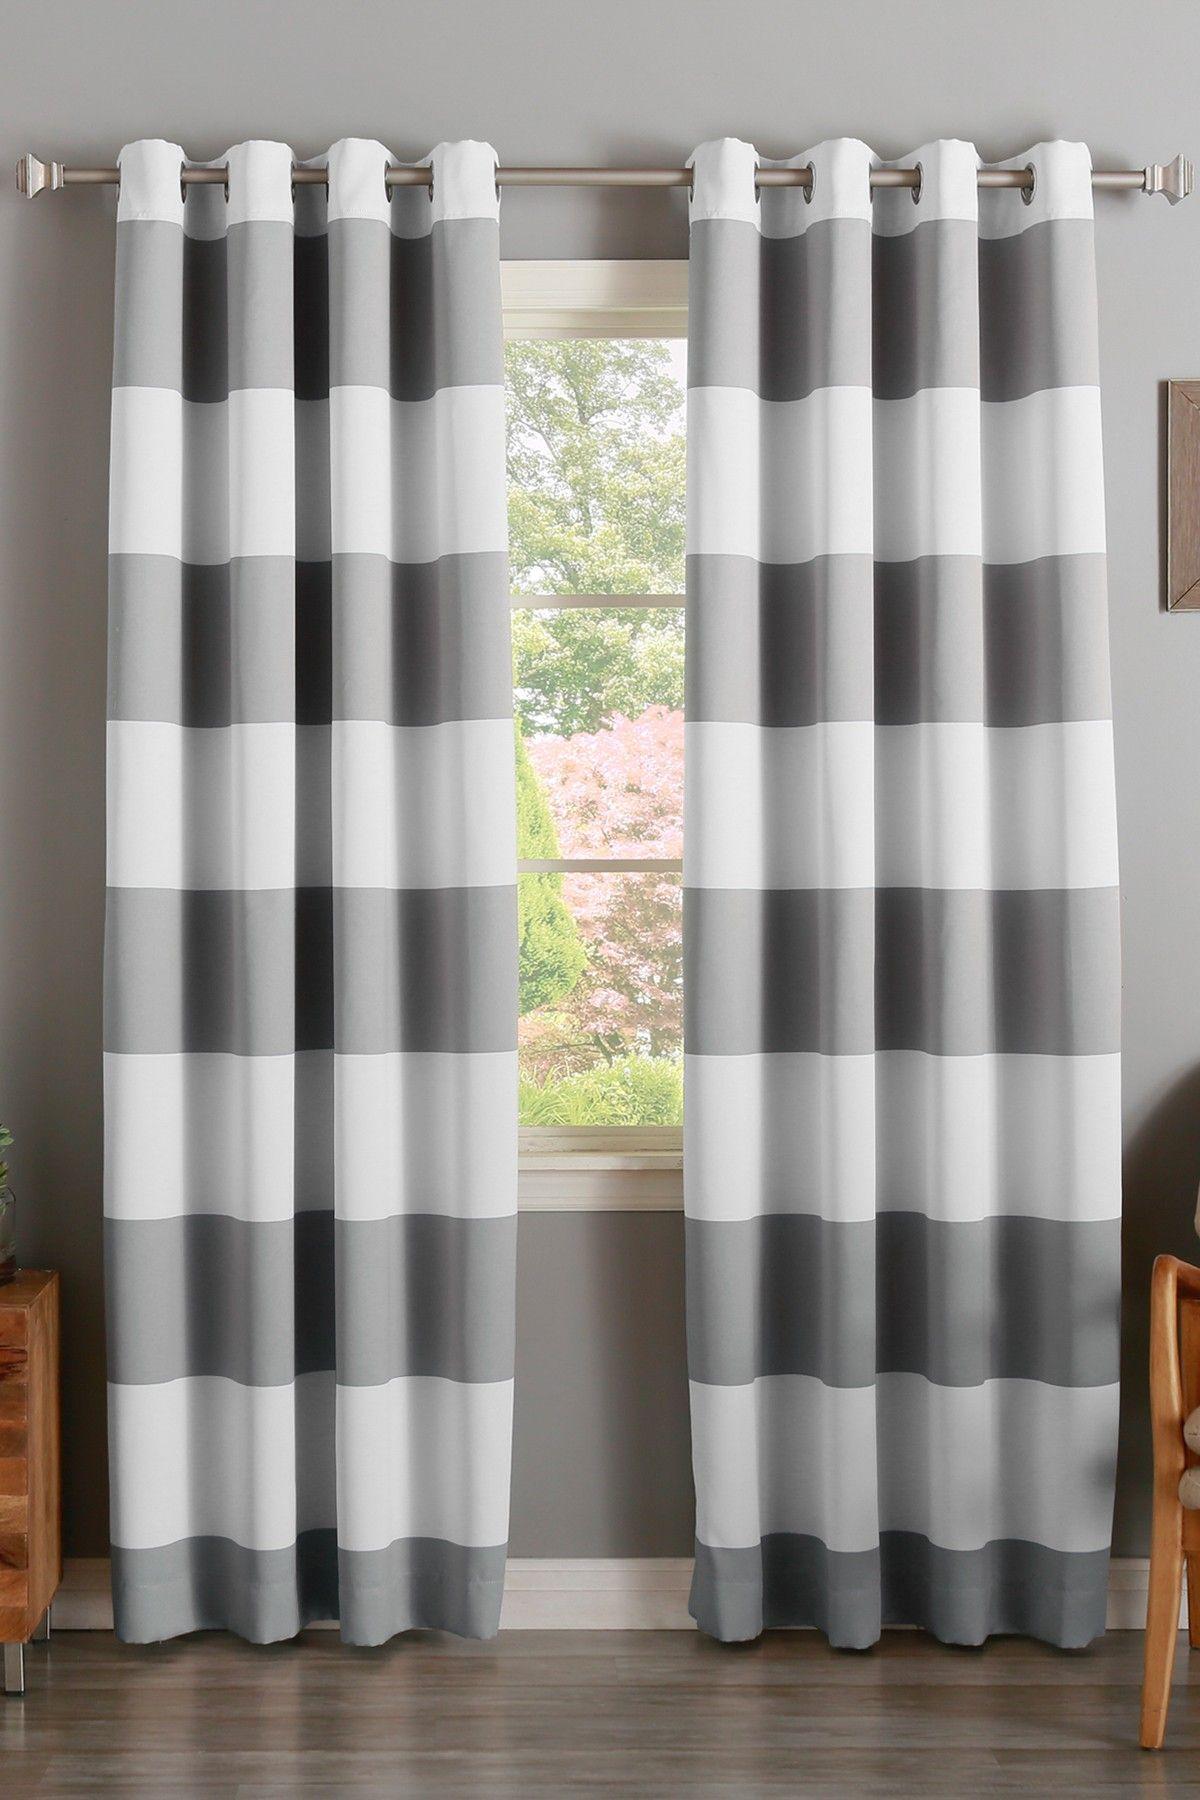 Best Home Fashion Inc Bold Stripe Print Room Darkening Grommet Top Curtains Set Of 2 Grey Gestreifte Vorhange Gestreiftes Zimmer Style At Home